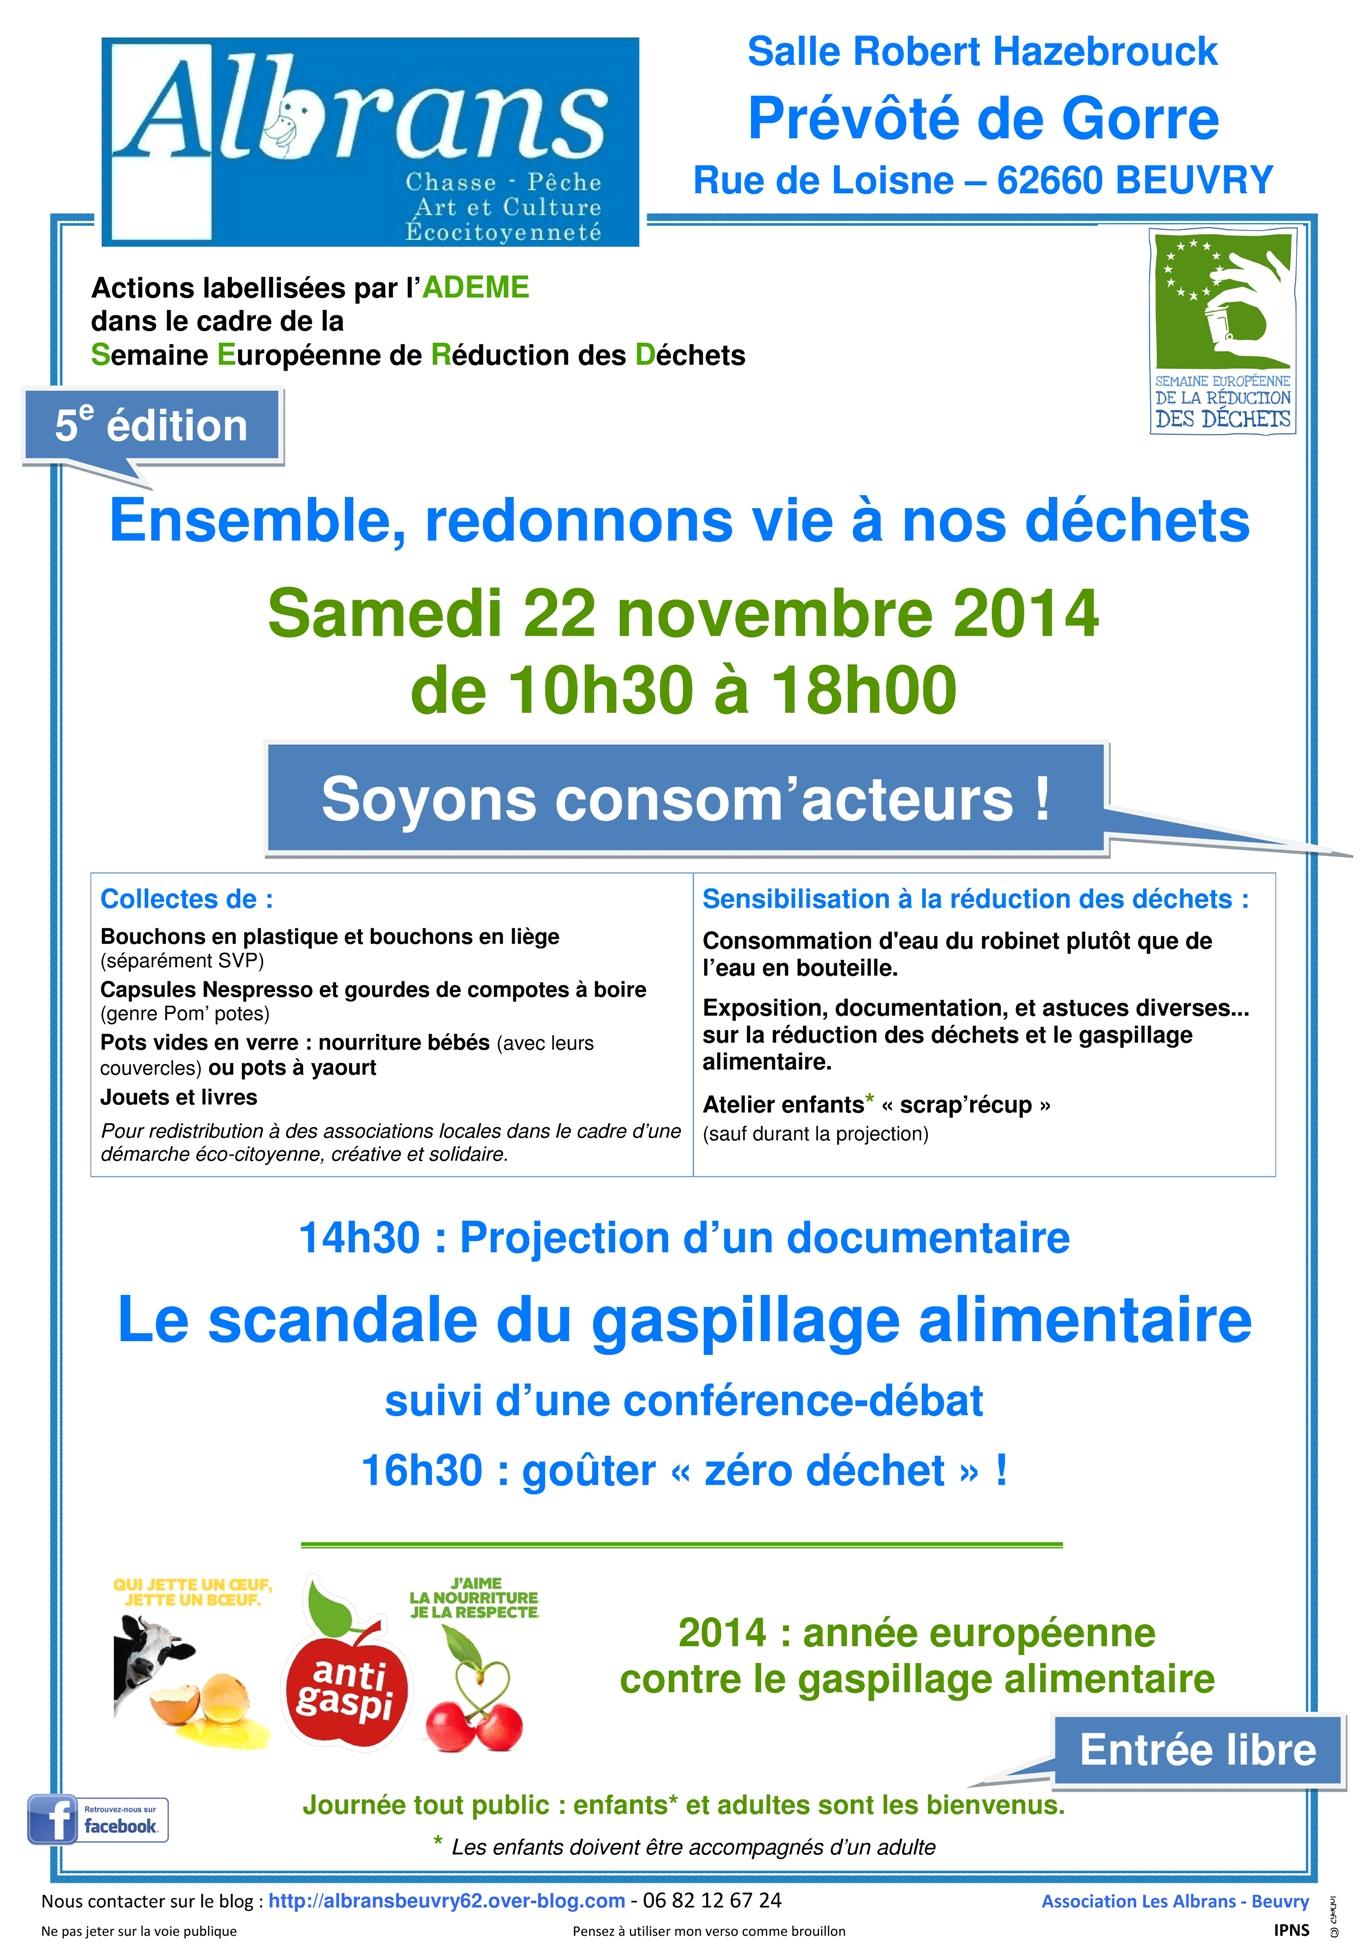 Actions dans le cadre de la Semaine Européenne de Réduction des Déchets dans Comprendre pour Agir affiche-reduction-des-dechets-2014